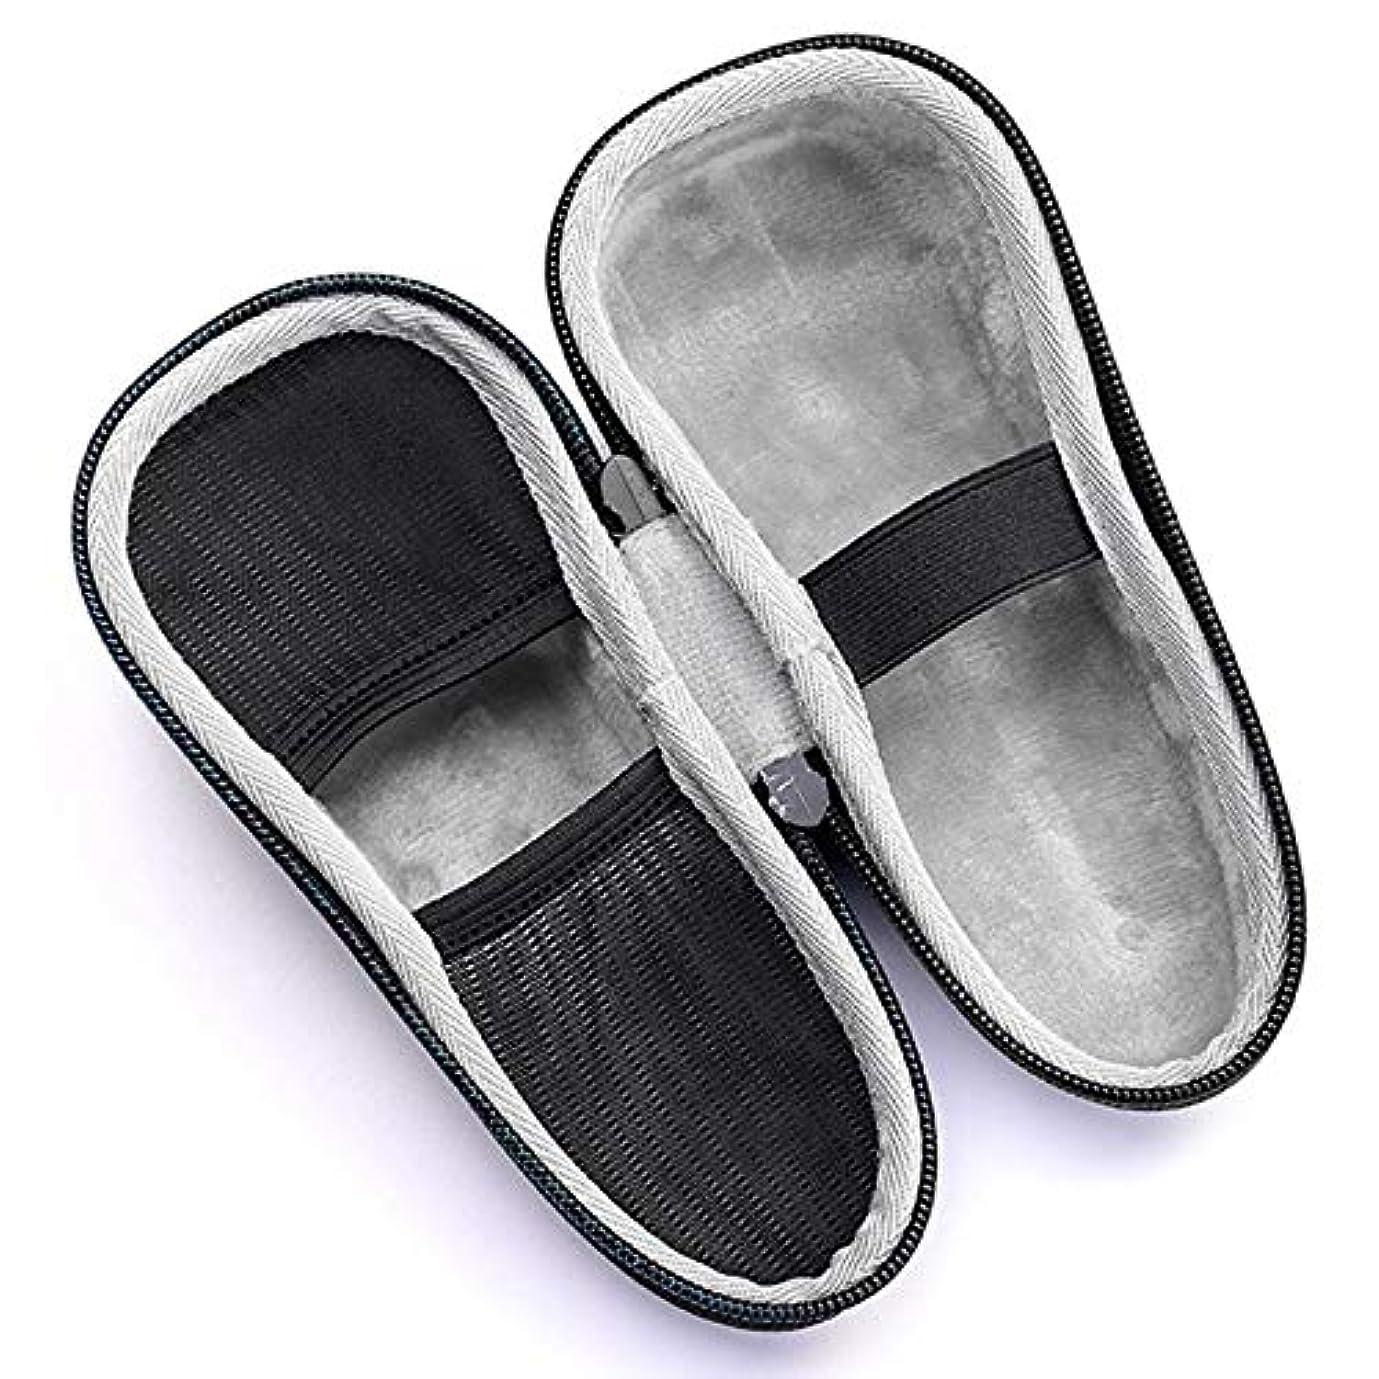 防ぐ感じるタックルGaoominy 髭剃り用収納バッグ、電気シェーバー用、かみそりのバッグ、シェーバー用旅行ケース、シェービングマシンの収納ケース、バッグ